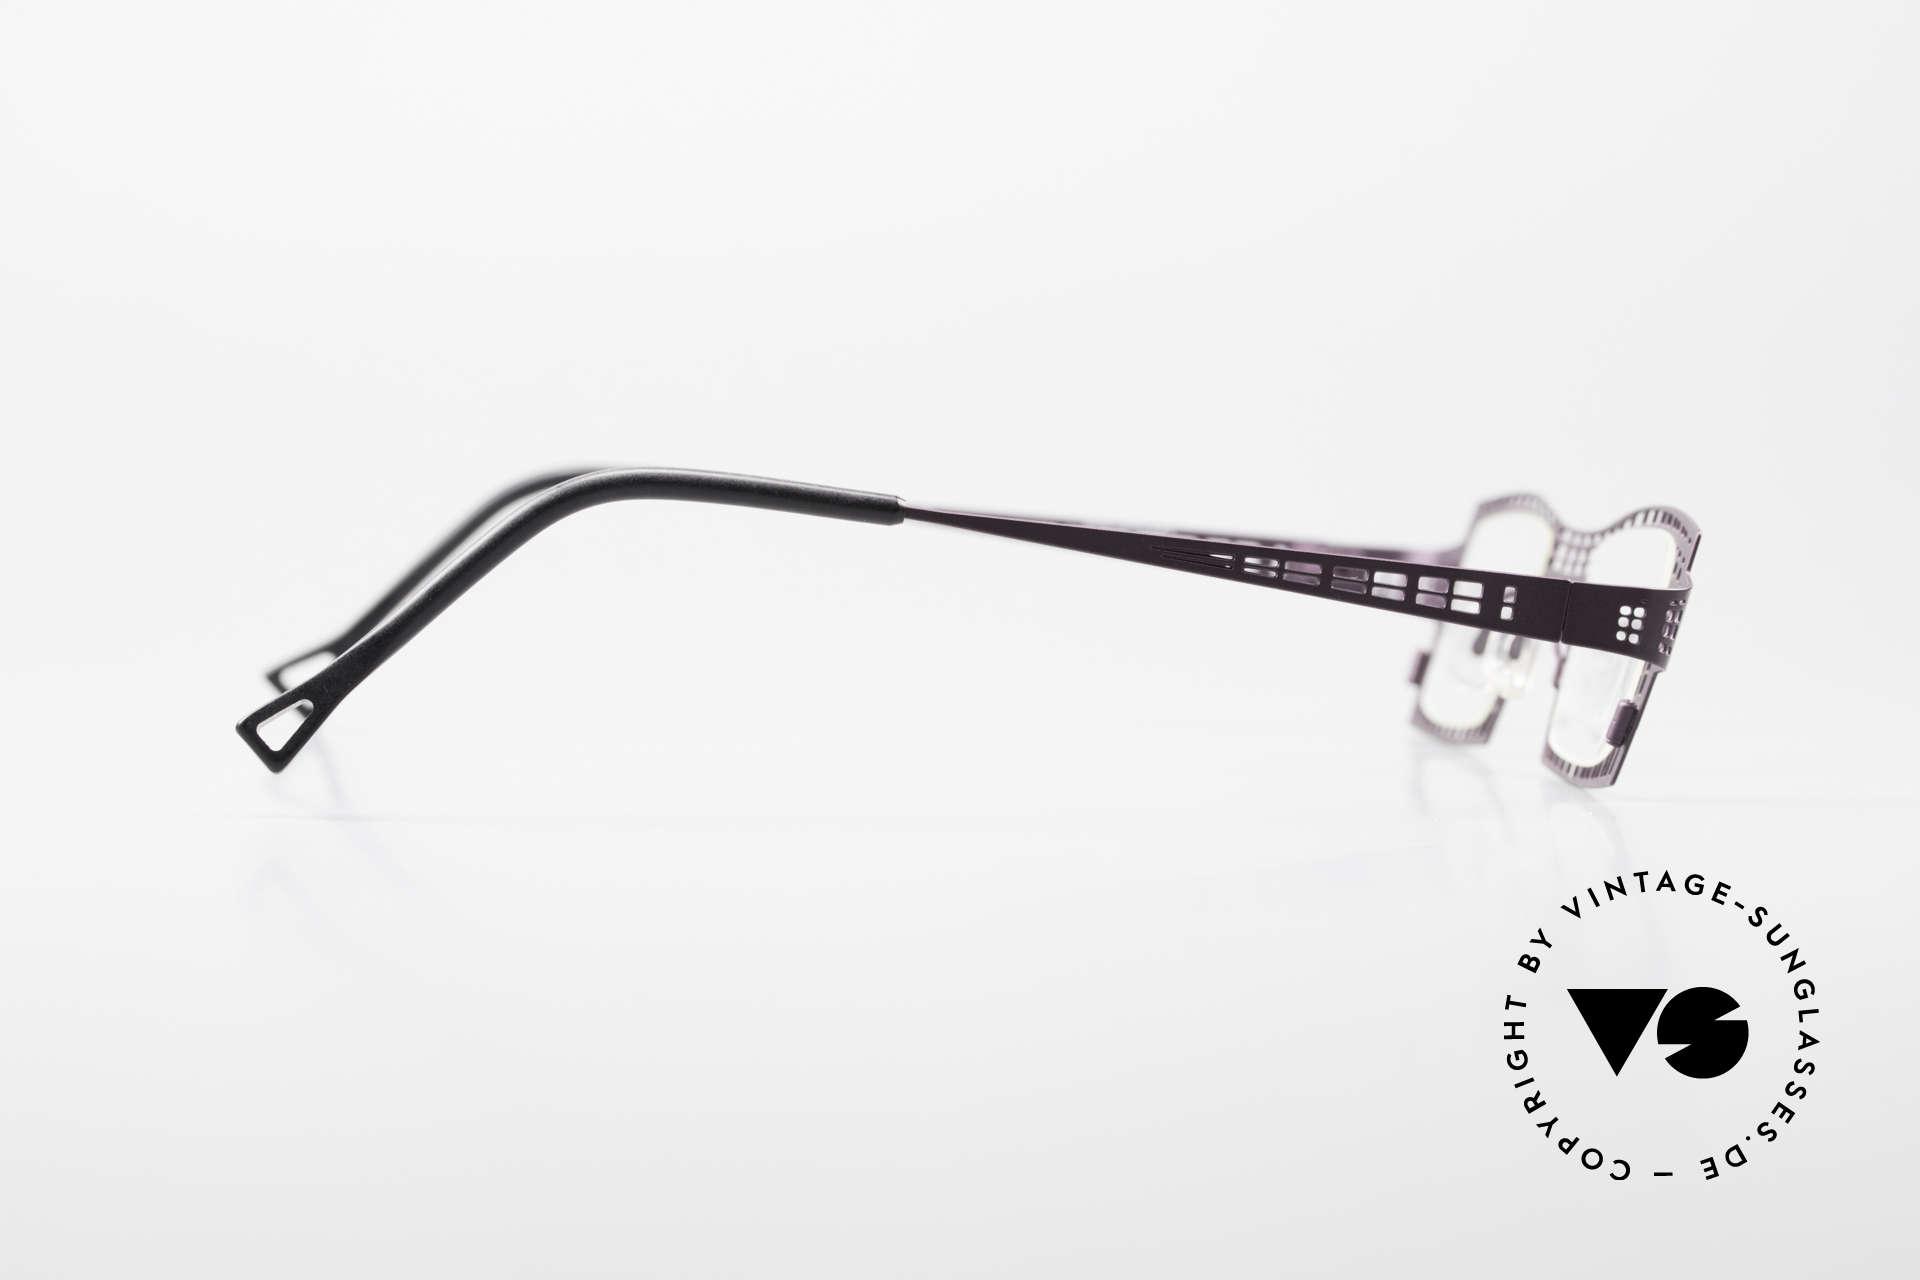 Theo Belgium Eye-Witness LH Damenbrille Vintage Designer, original DEMOgläser können beliebig ersetzt werden, Passend für Damen